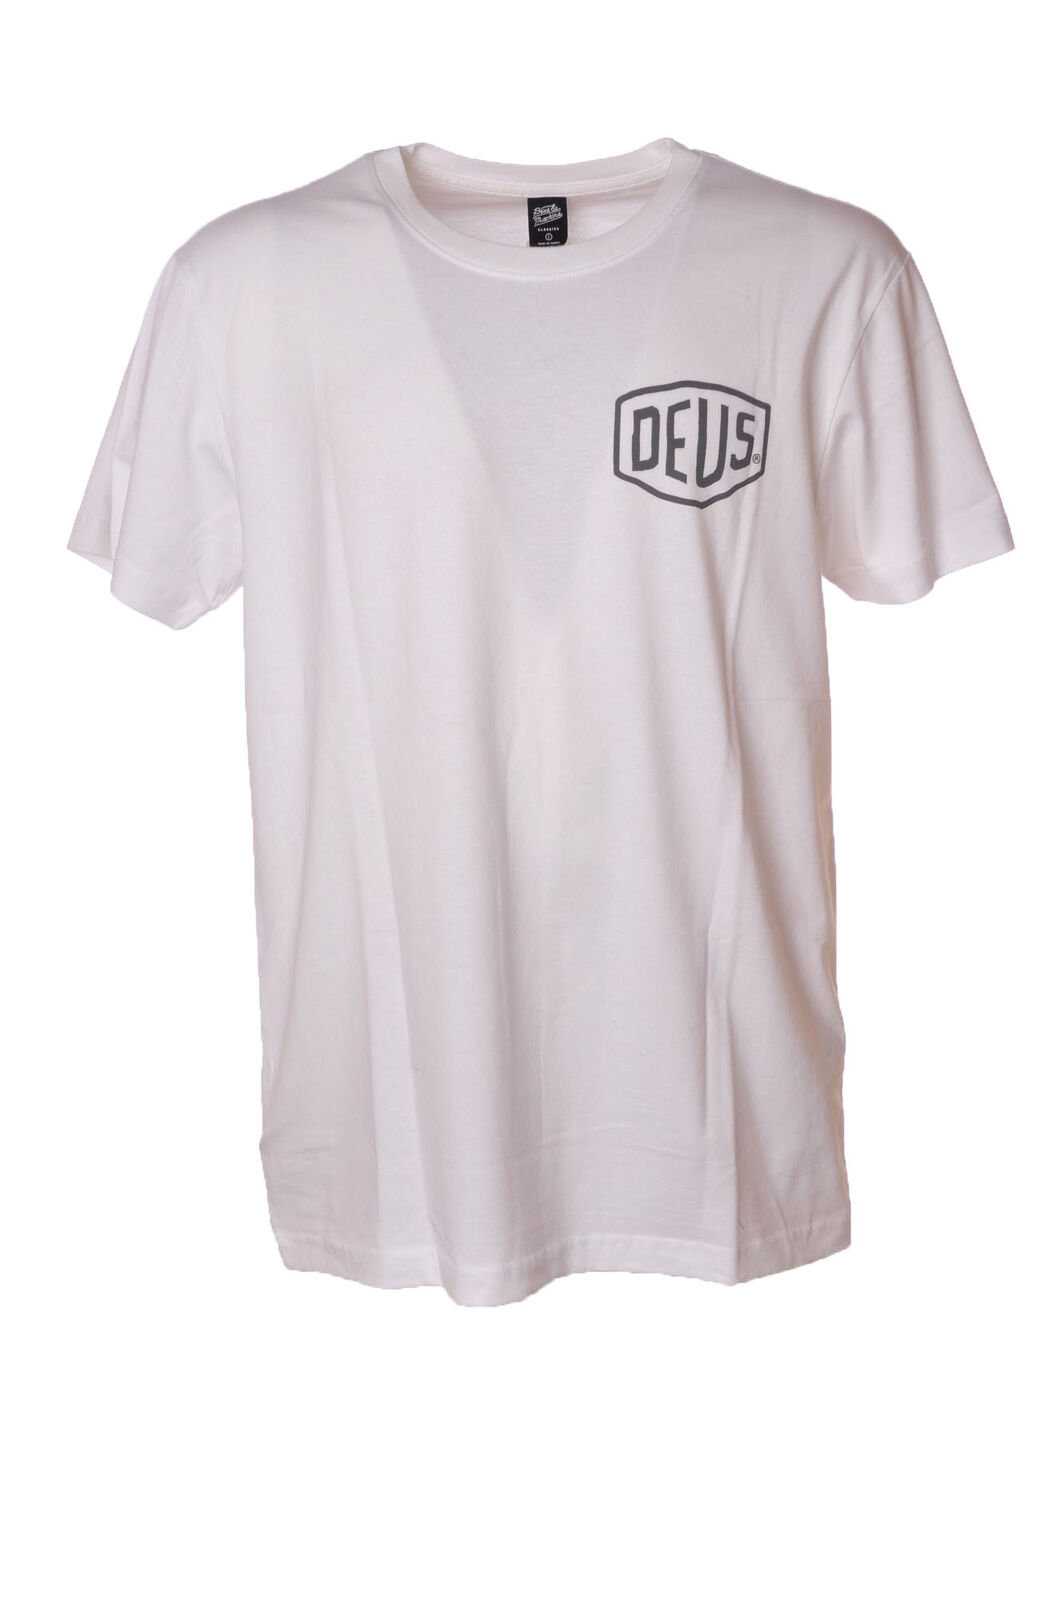 Deus - Topwear-T-shirts - Man - Weiß - 4404215G184304